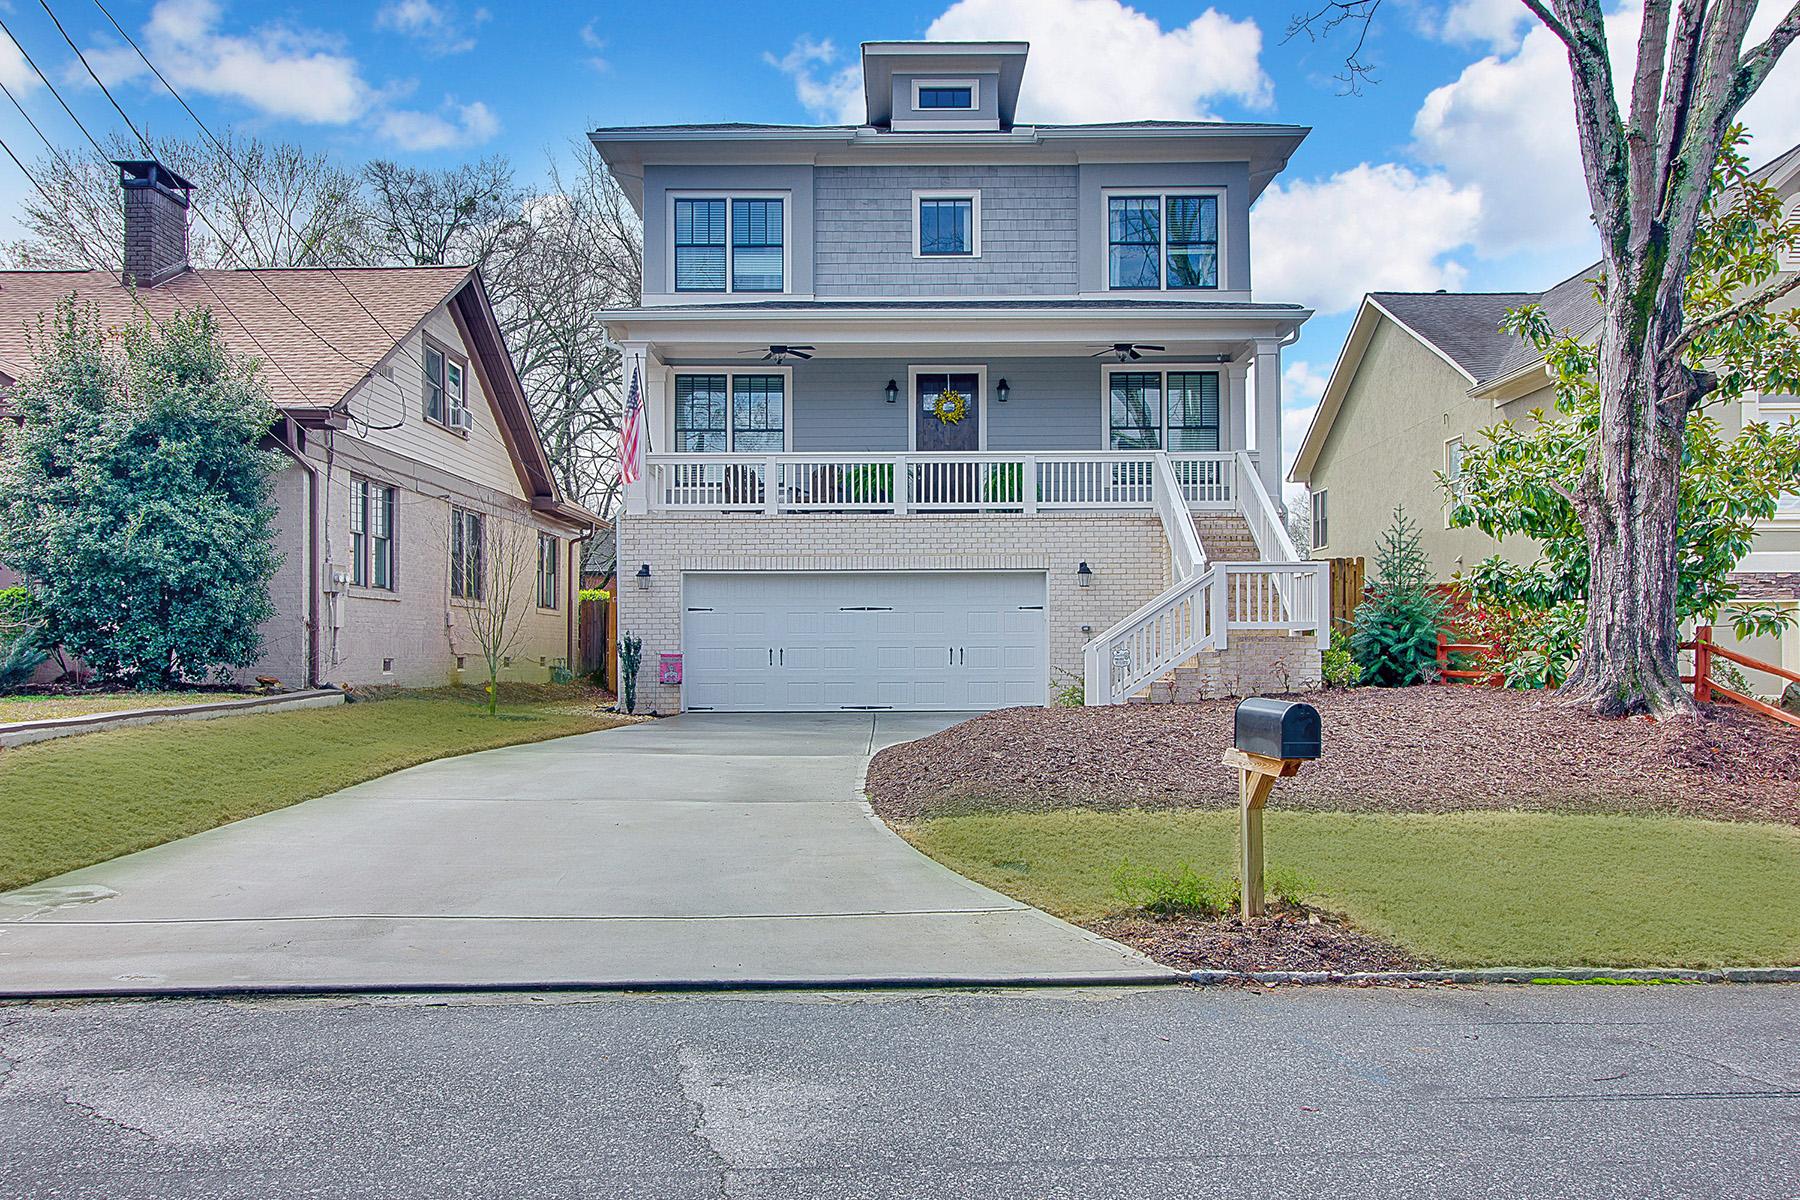 단독 가정 주택 용 매매 에 Brookhaven Heights Home With The Finest Finishes 1157 Oglethorpe Avenue Brookhaven, 조지아 30319 미국